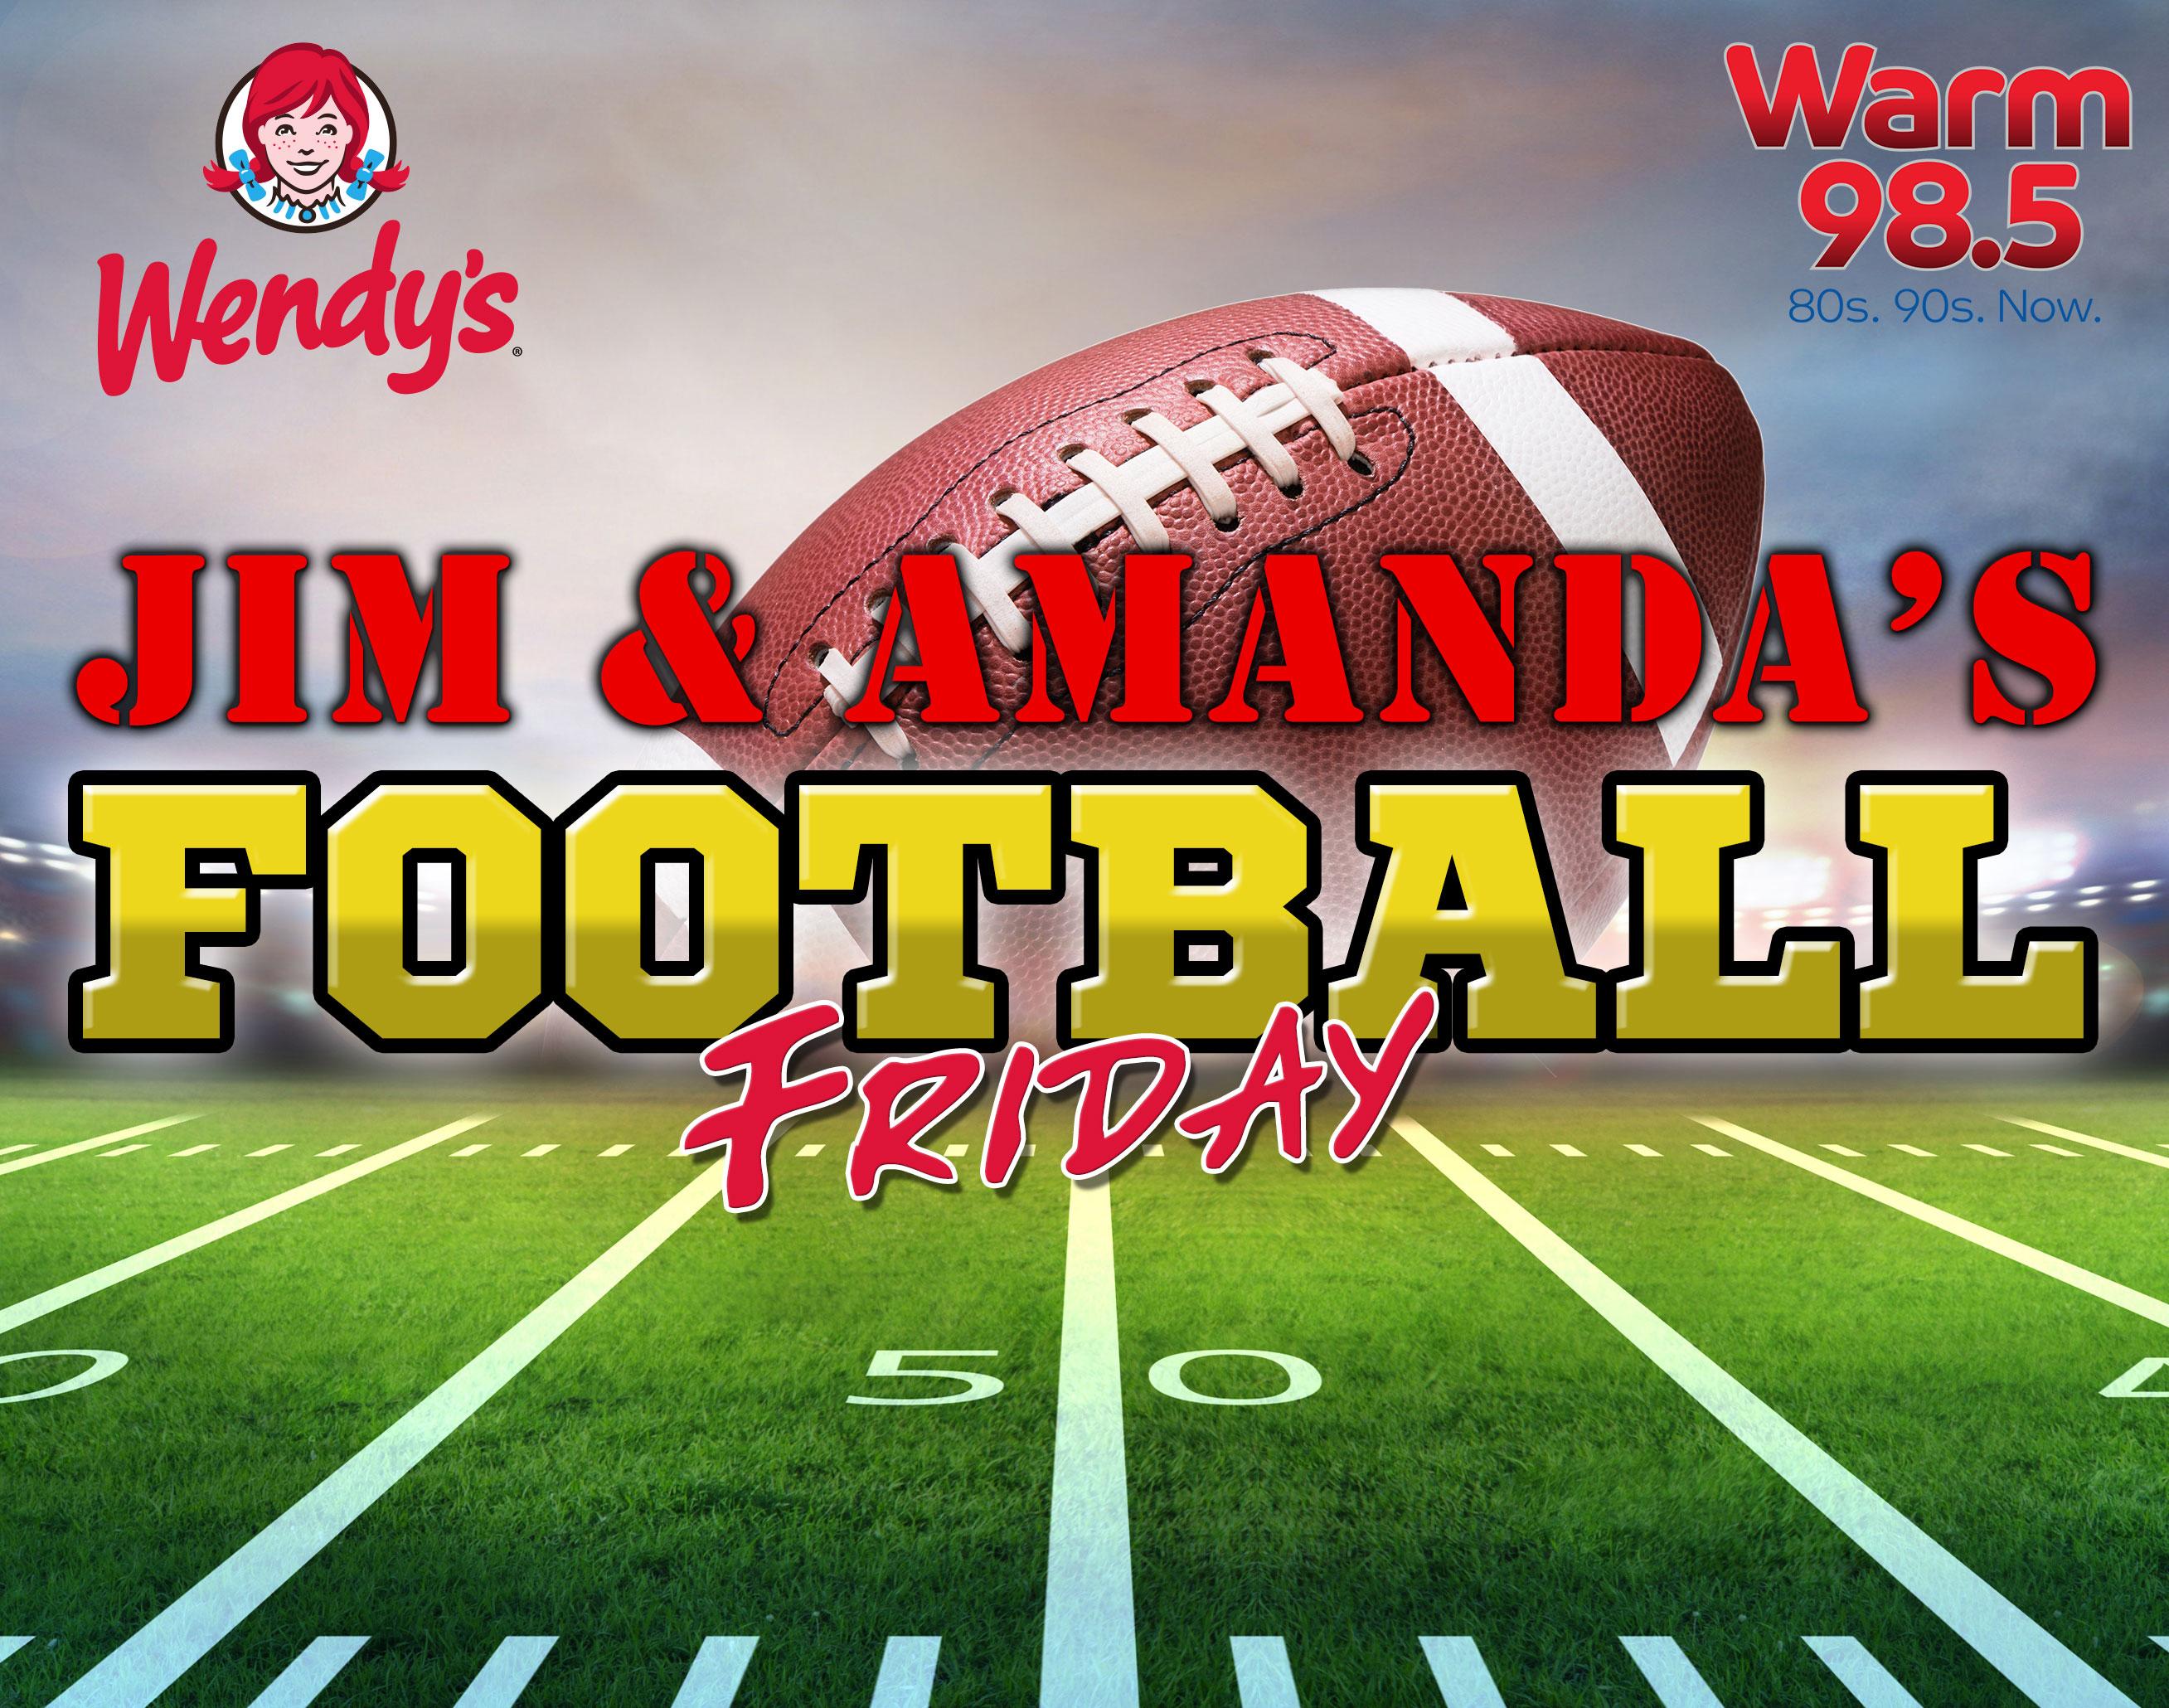 Jim and Amanda's Football Friday